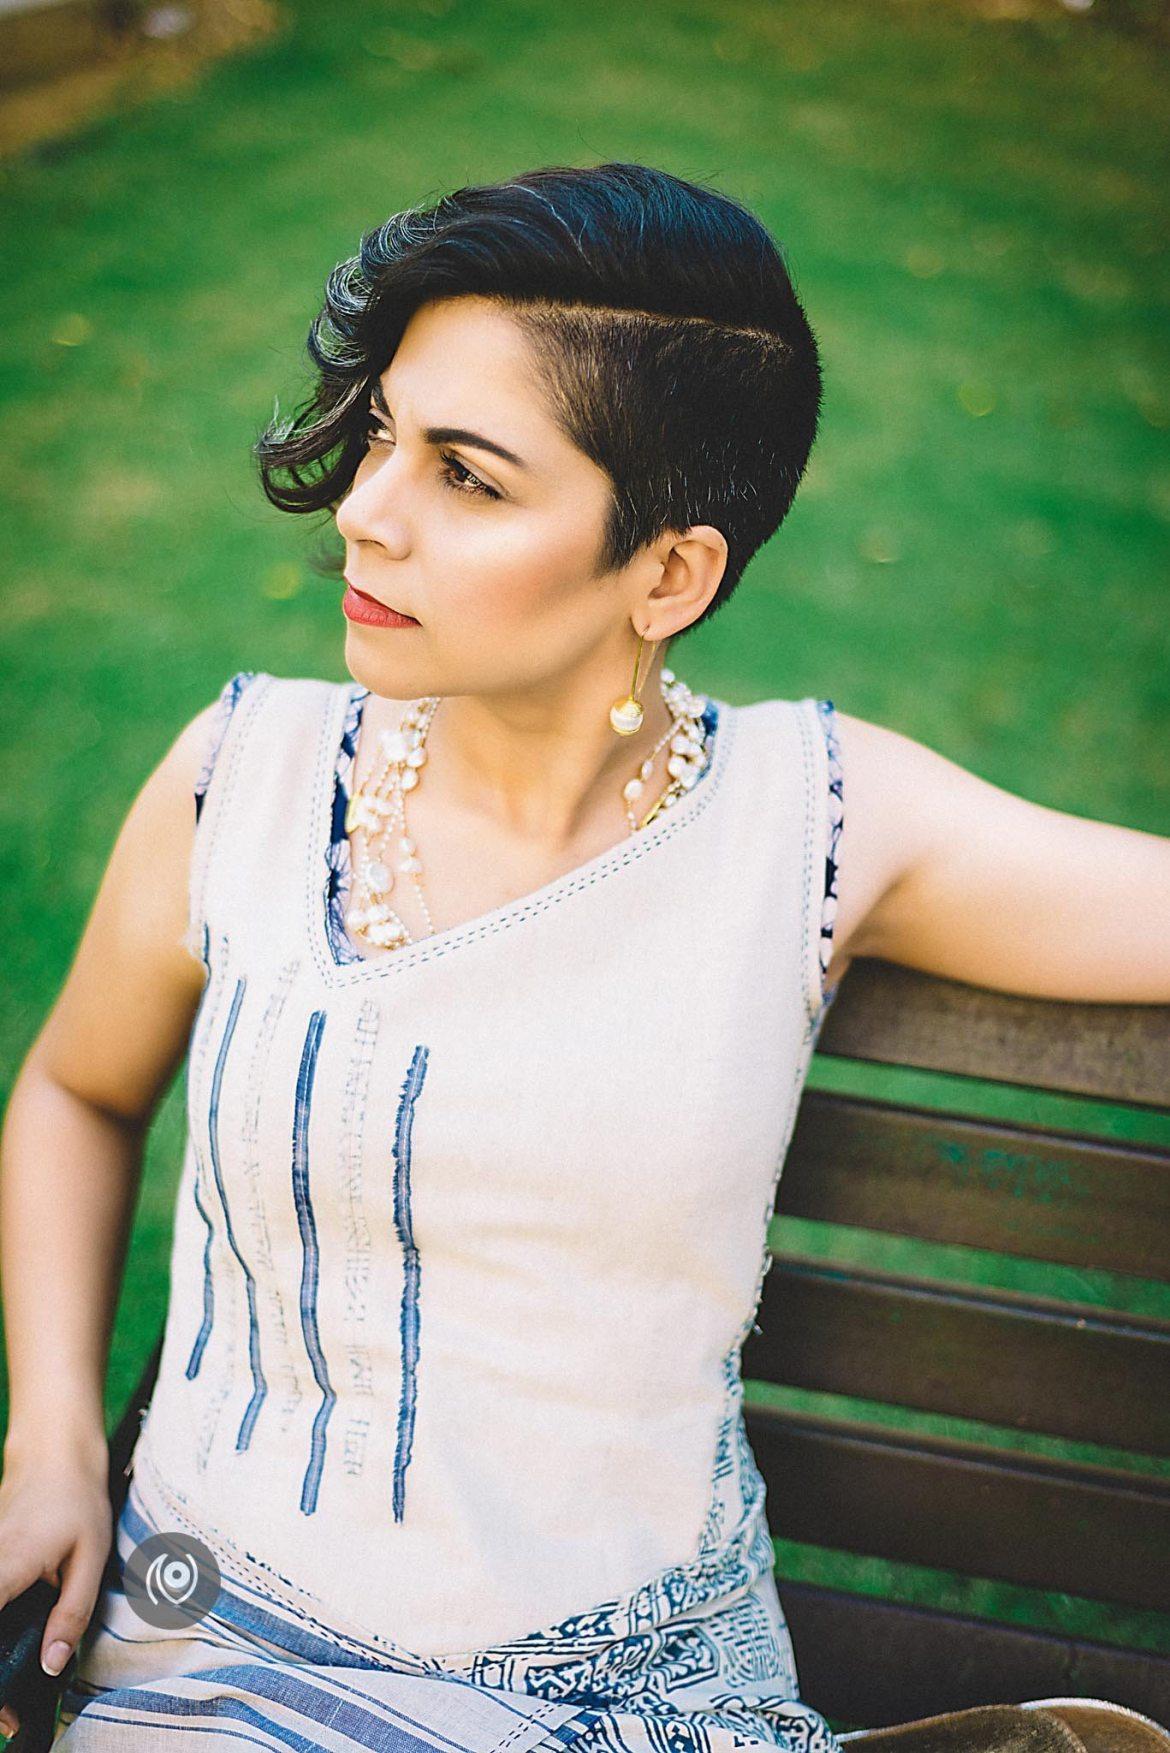 Naina.co-Raconteuse-Visuelle-Photographer-Blogger-Storyteller-Luxury-Lifestyle-CoverUp-Mi-UrvashiKaur-Risa-02